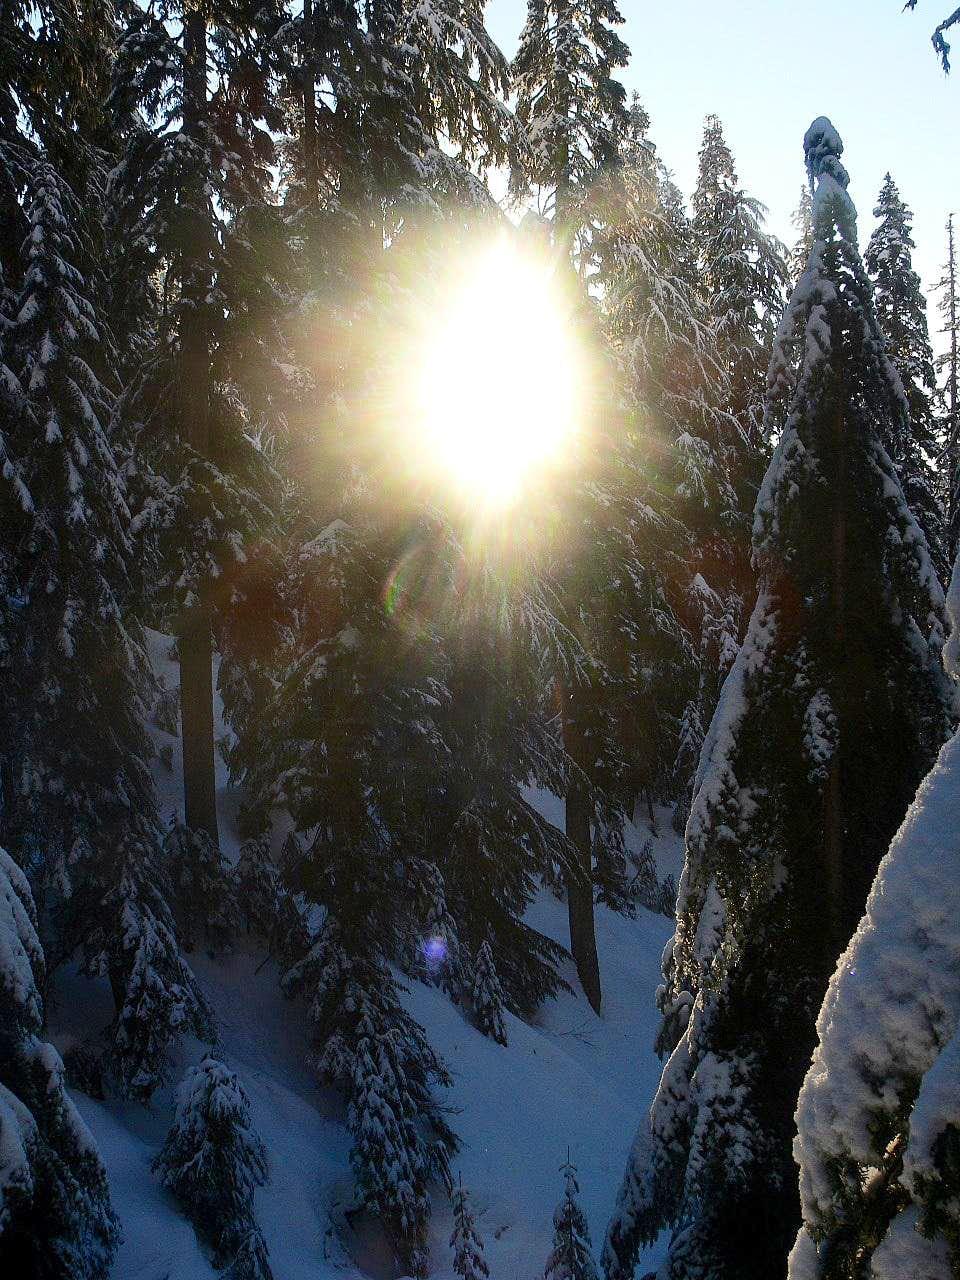 The Sun Shining though